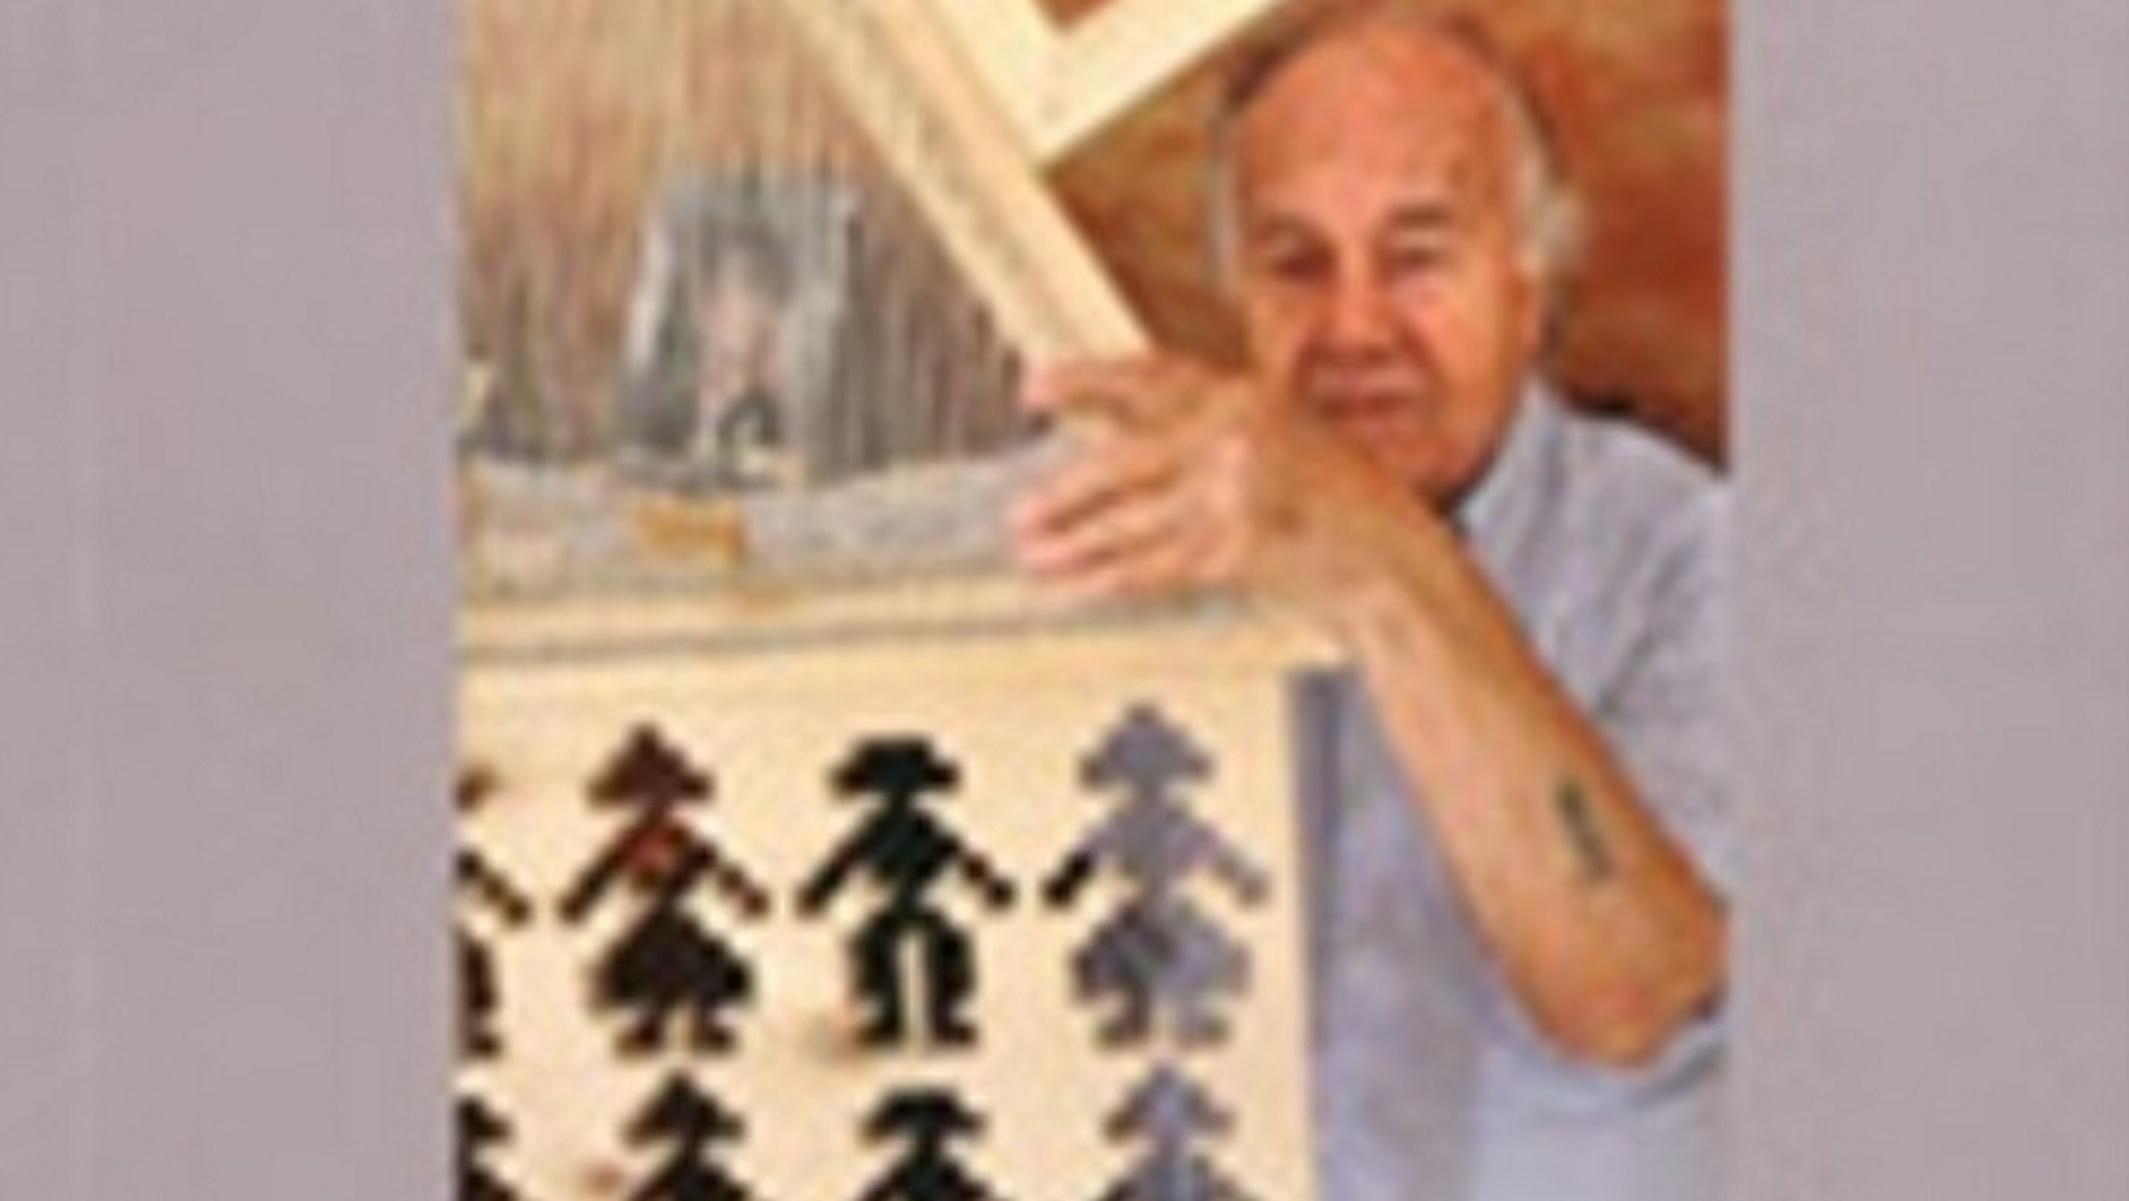 Ισαάκ Μιζάν: Πέθανε στα 94 ο τελευταίος επιζών από την εβραϊκή κοινότητα Άρτας